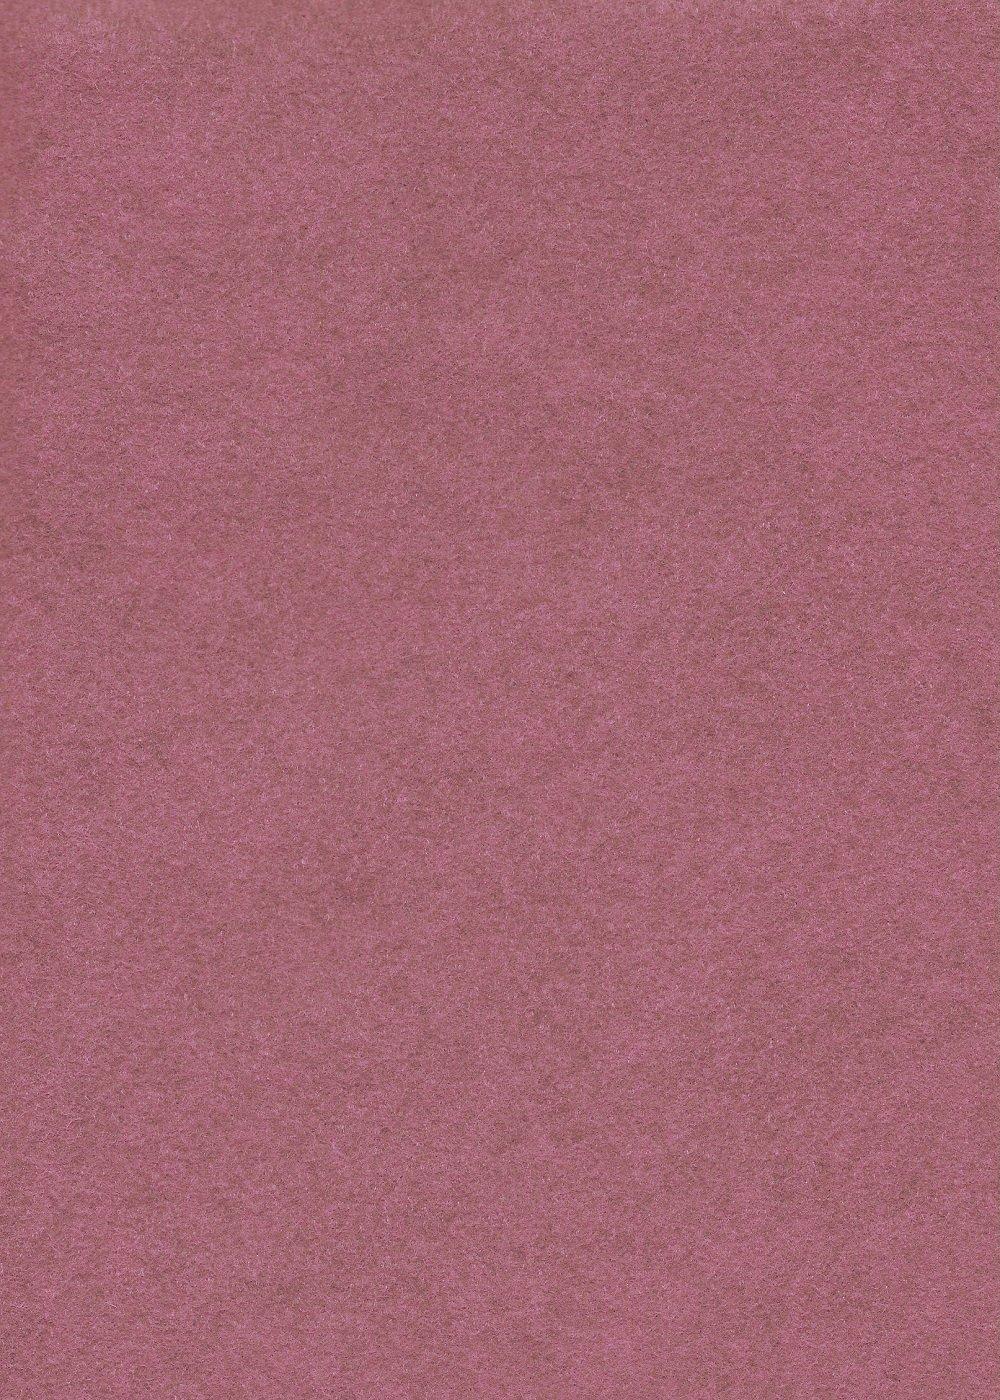 Hydrangea - 12 x 18 Square